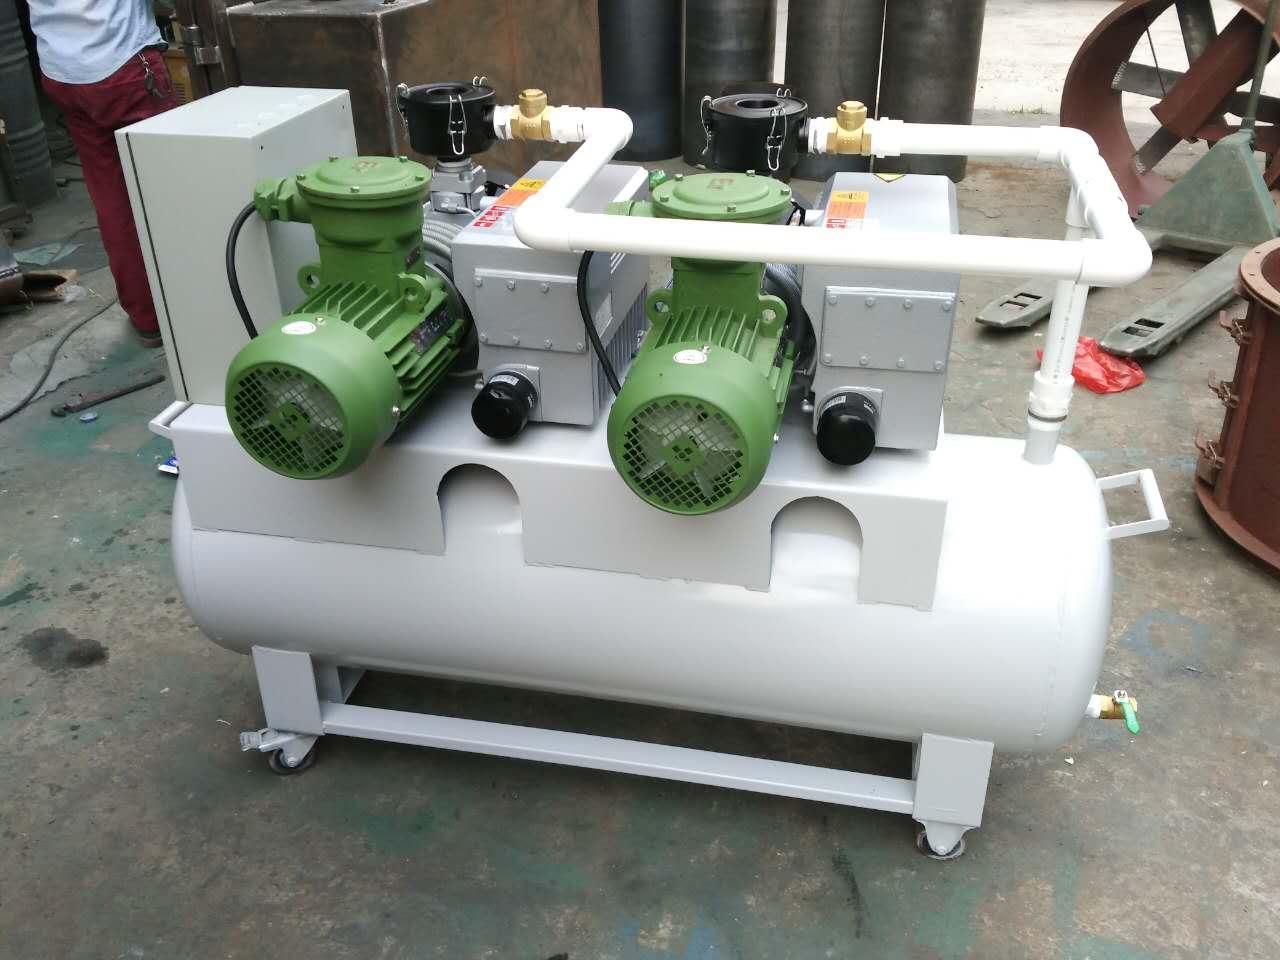 冬季真空泵的维护保养方法